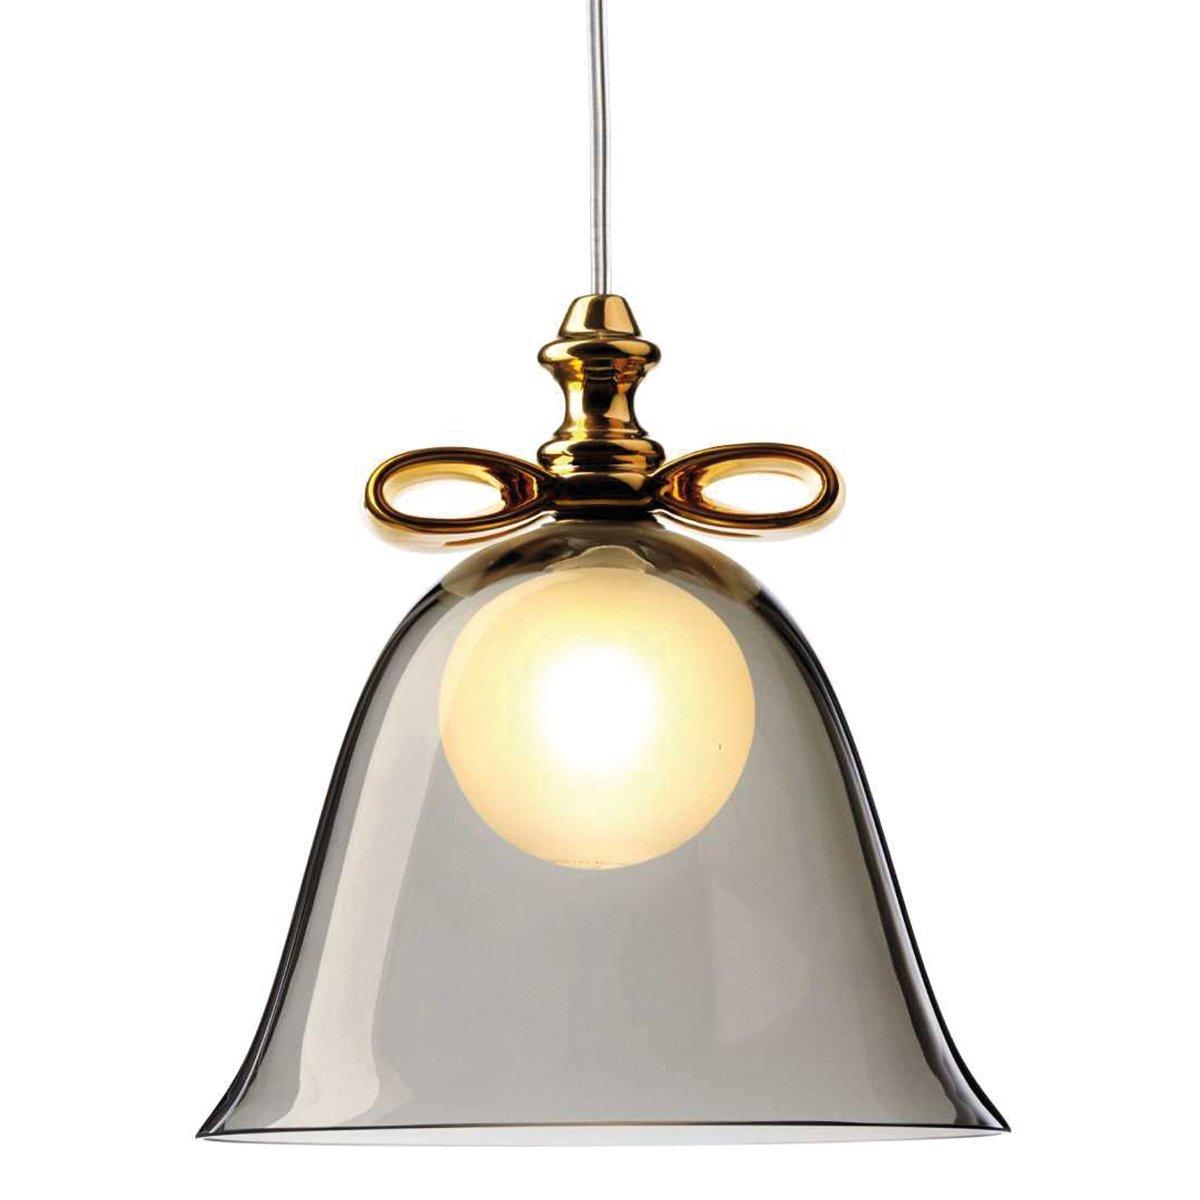 Moooi Bell Hanglamp Small - Smoke/Goud